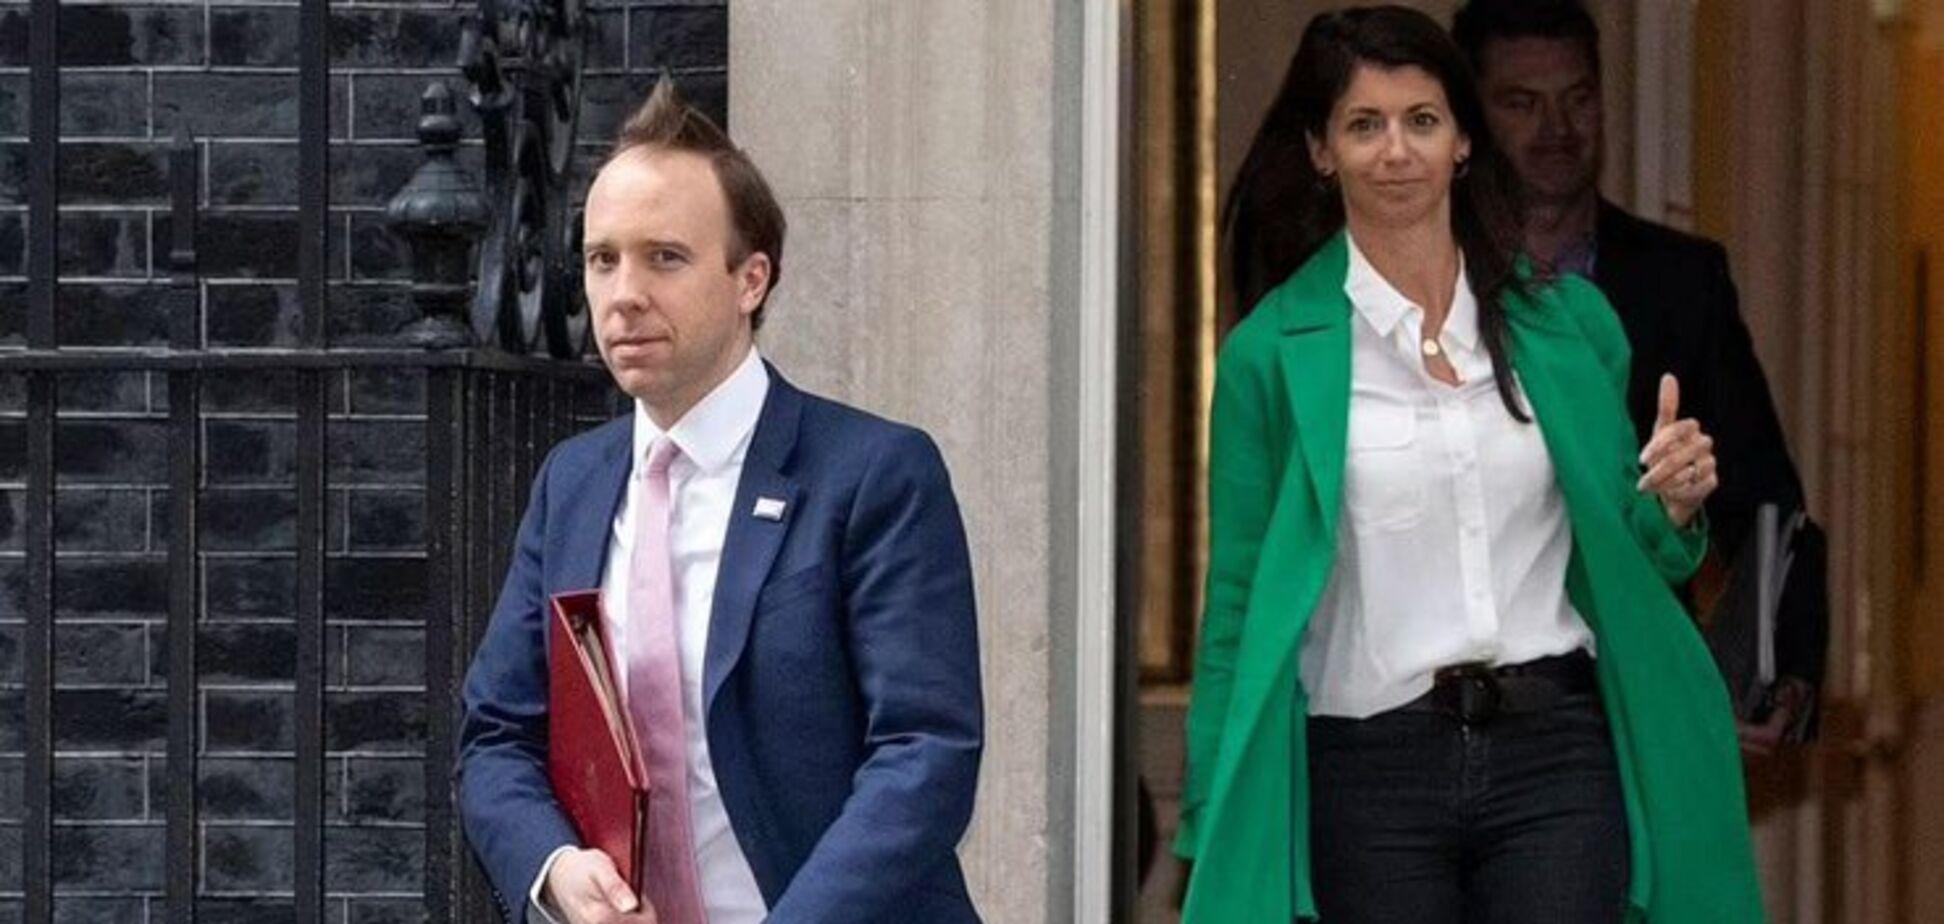 Министр поцеловал сотрудницу и ушел в отставку